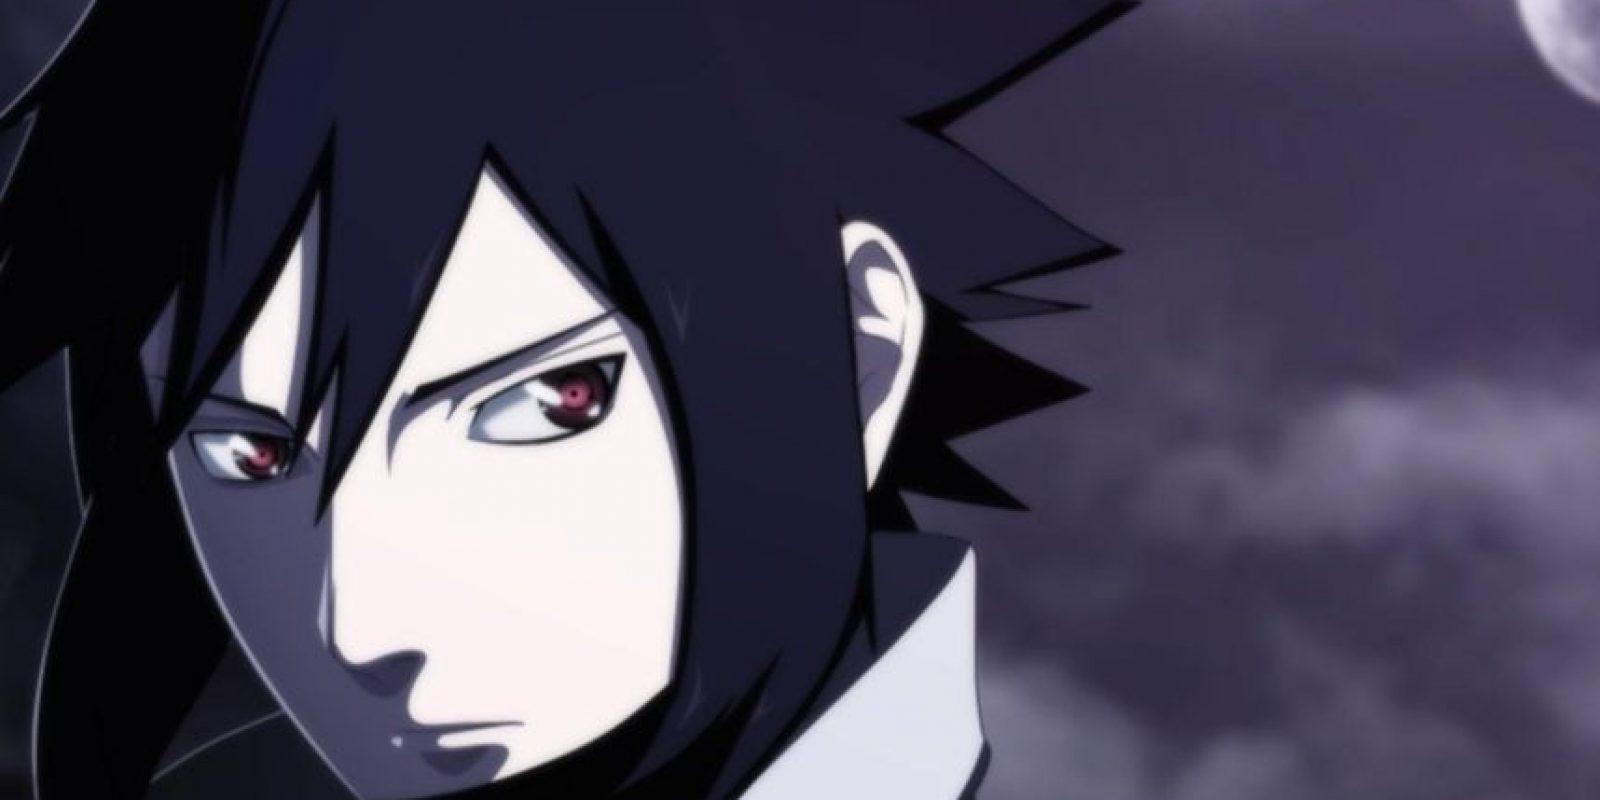 """El Seiyuu (actor de voz) que interpreta a Sasuke es el mismo que interpreta la voz latinoamericana de Uryu Ishida de la serie """"Bleach"""". Asimismo, es el mismo de la la versión japonesa. También es él quien le da su primer beso a Naruto por accidente. Foto:Tv Tokyo"""